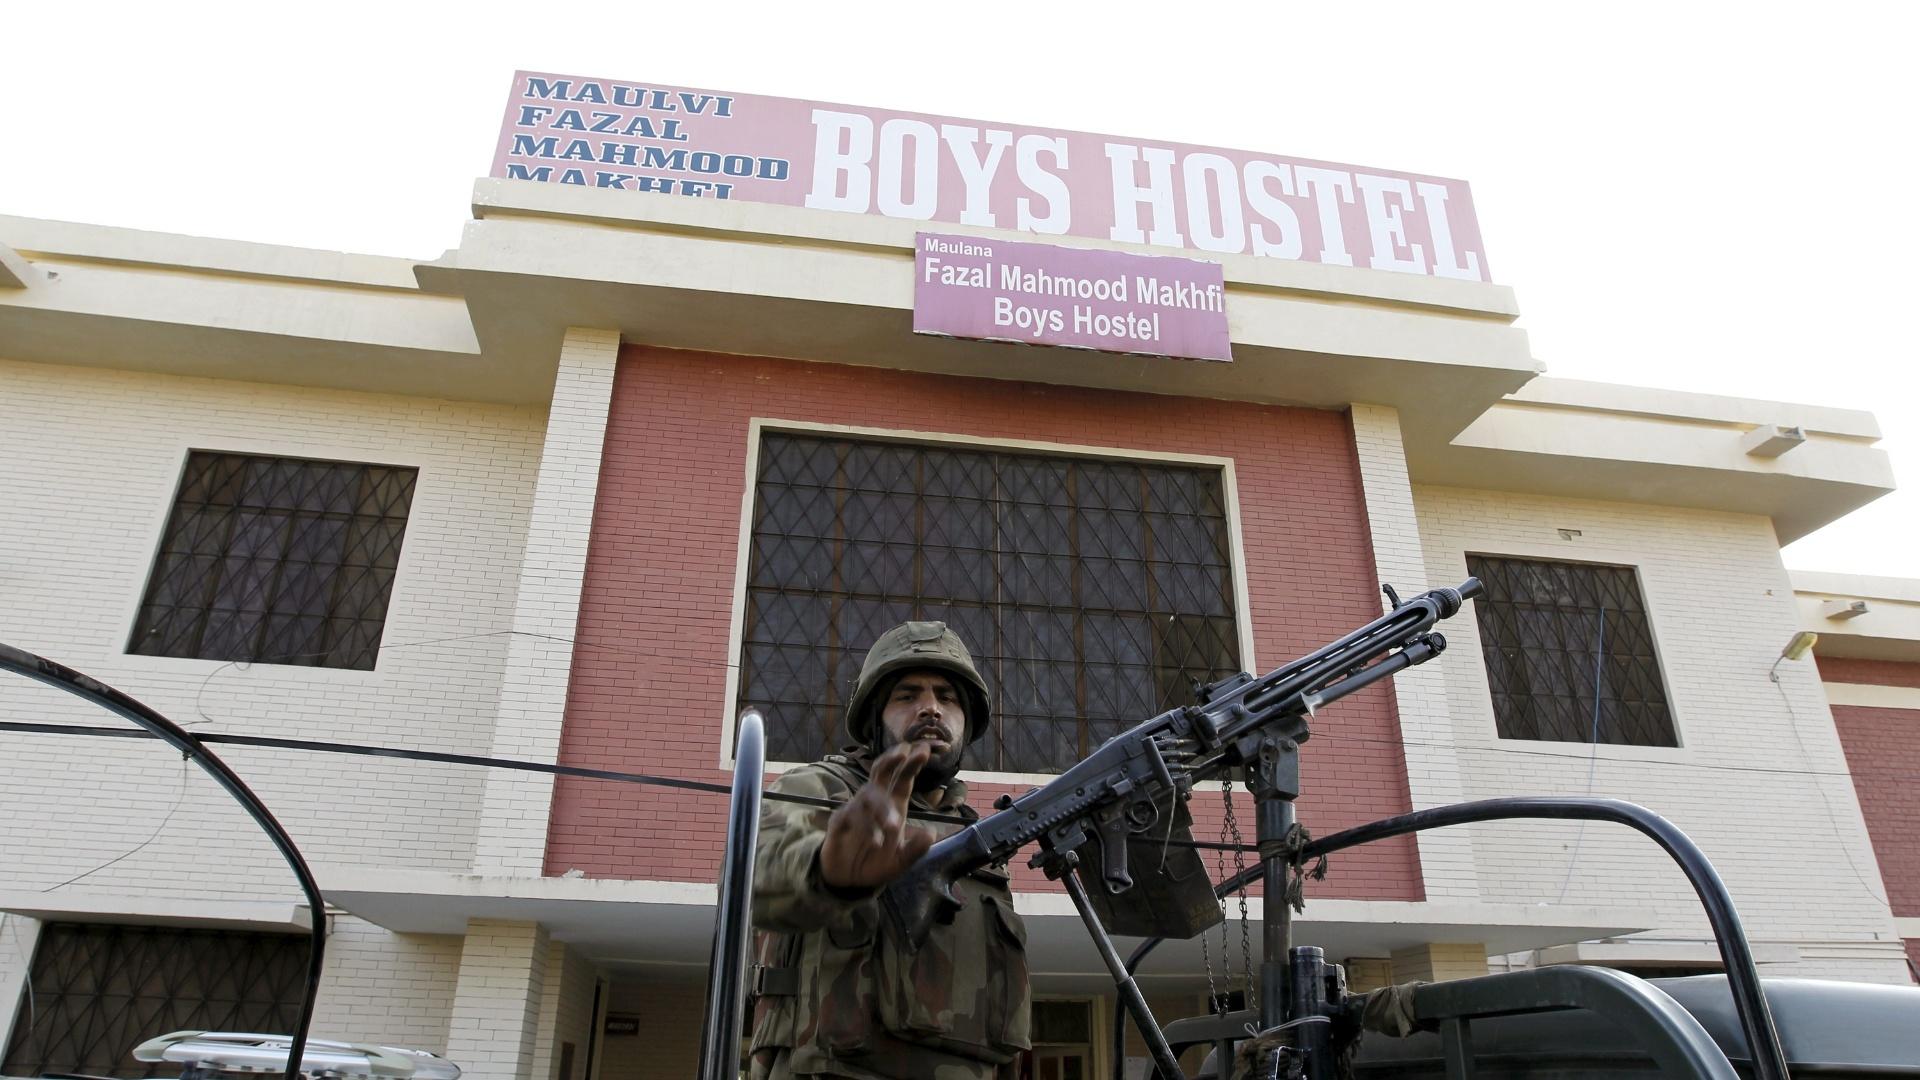 Talibans reivindicam ataque a universidade no Paquistão